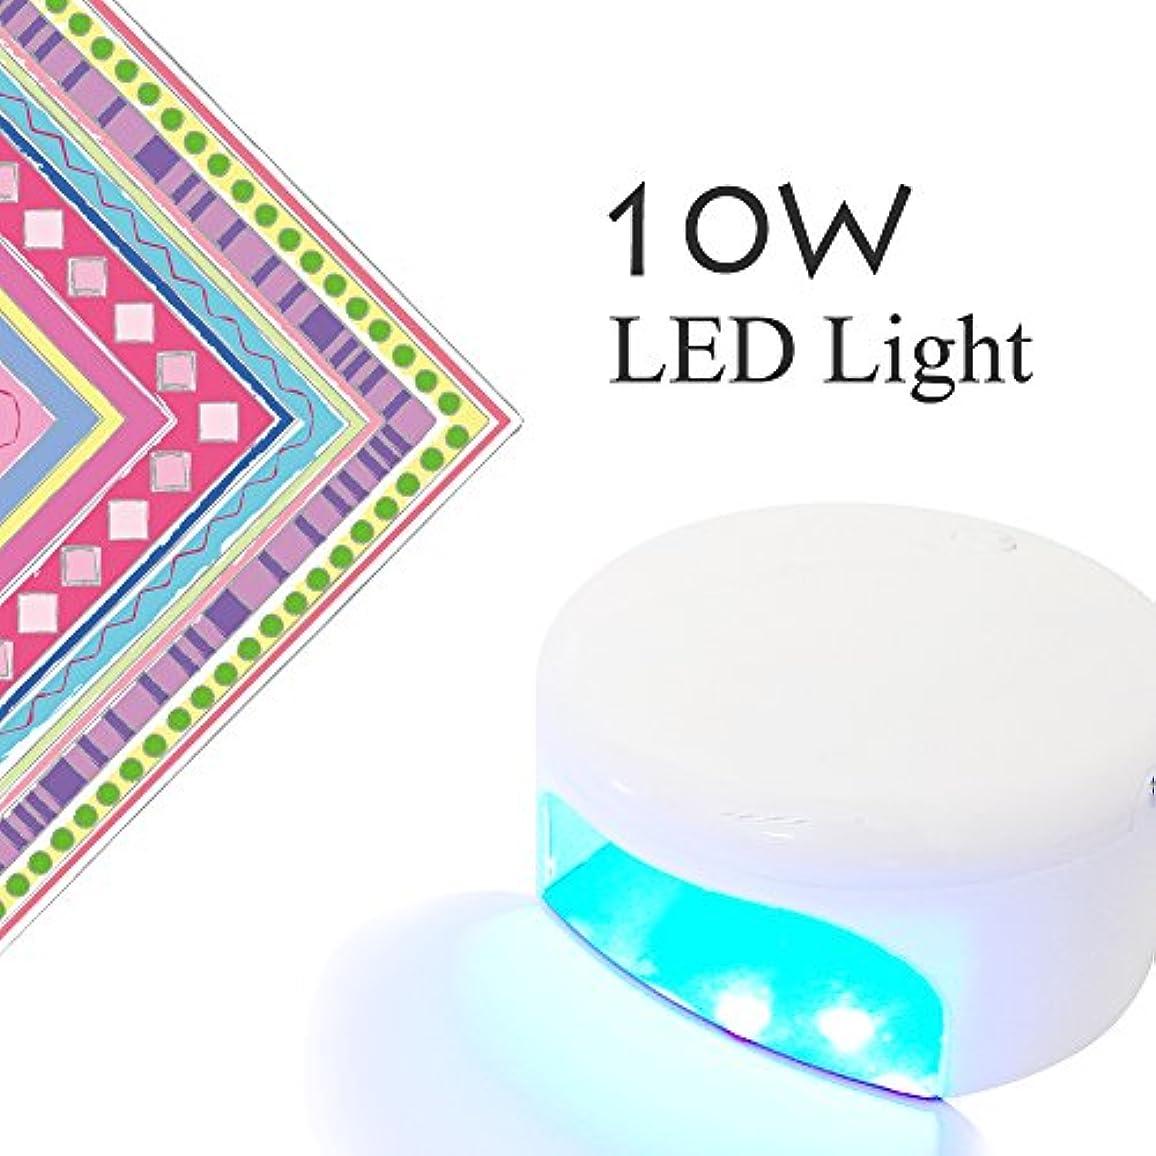 信頼できる抑止する自由ネイル用LEDライト 10W チップLED搭載 【LED10wライト】コンパクトハイパワー保証書。取扱説明書付き ジェルネイル (10W)